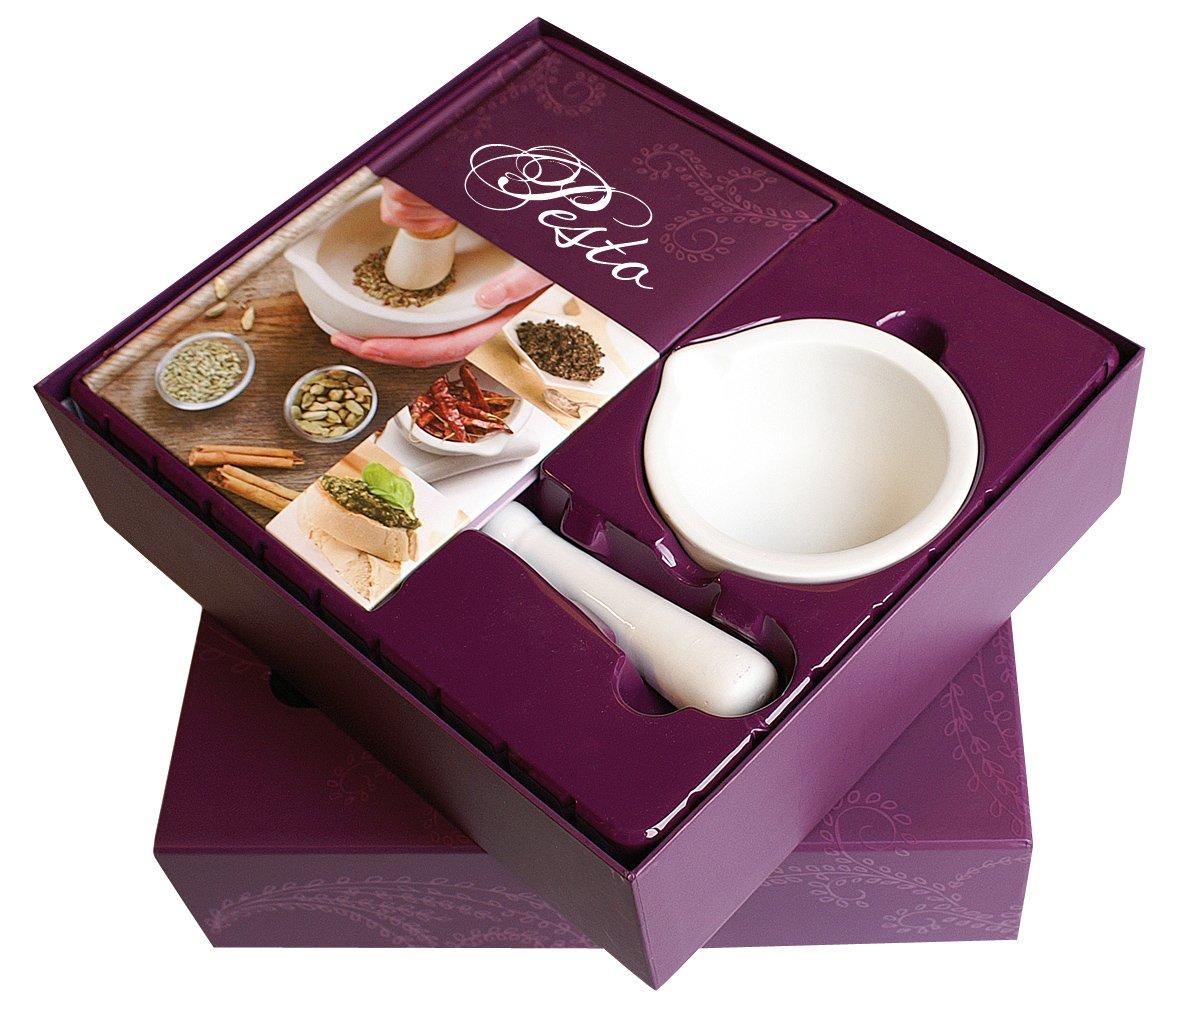 gourmet-set-pesto-kochbuch-mit-krutermrser-und-stssel-edition-fackeltrger-buchgeschenkboxen